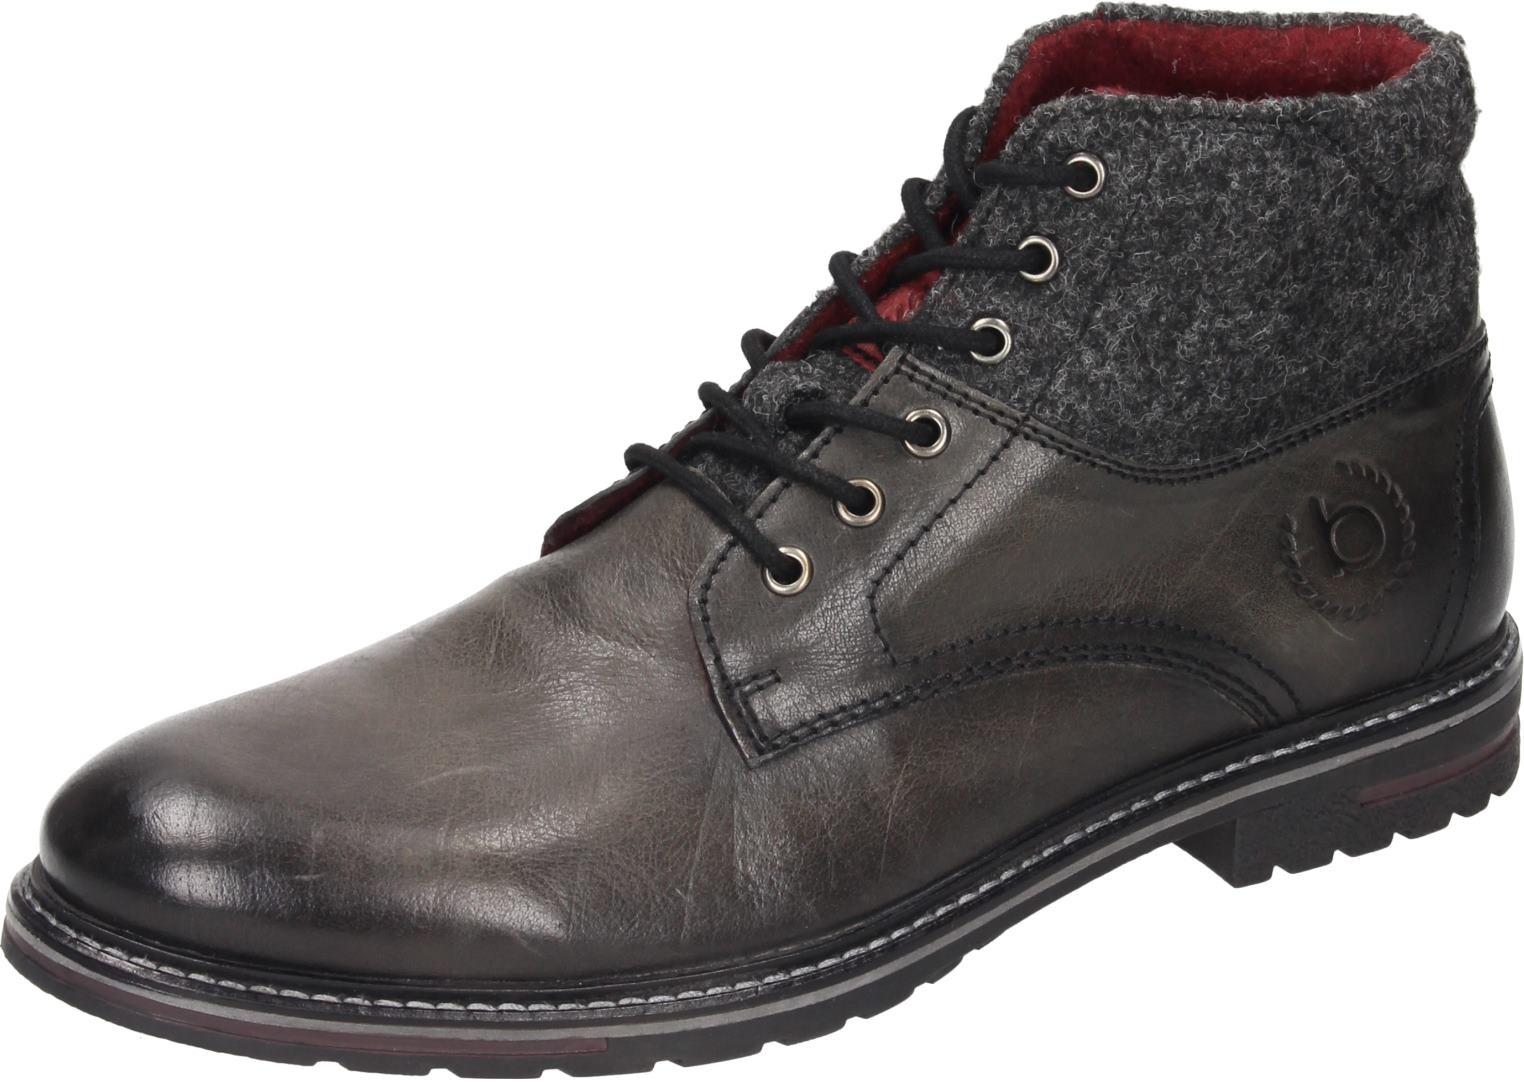 Bugatti denim Herren Schuhe Herren-Stiefel grau Leder NEU